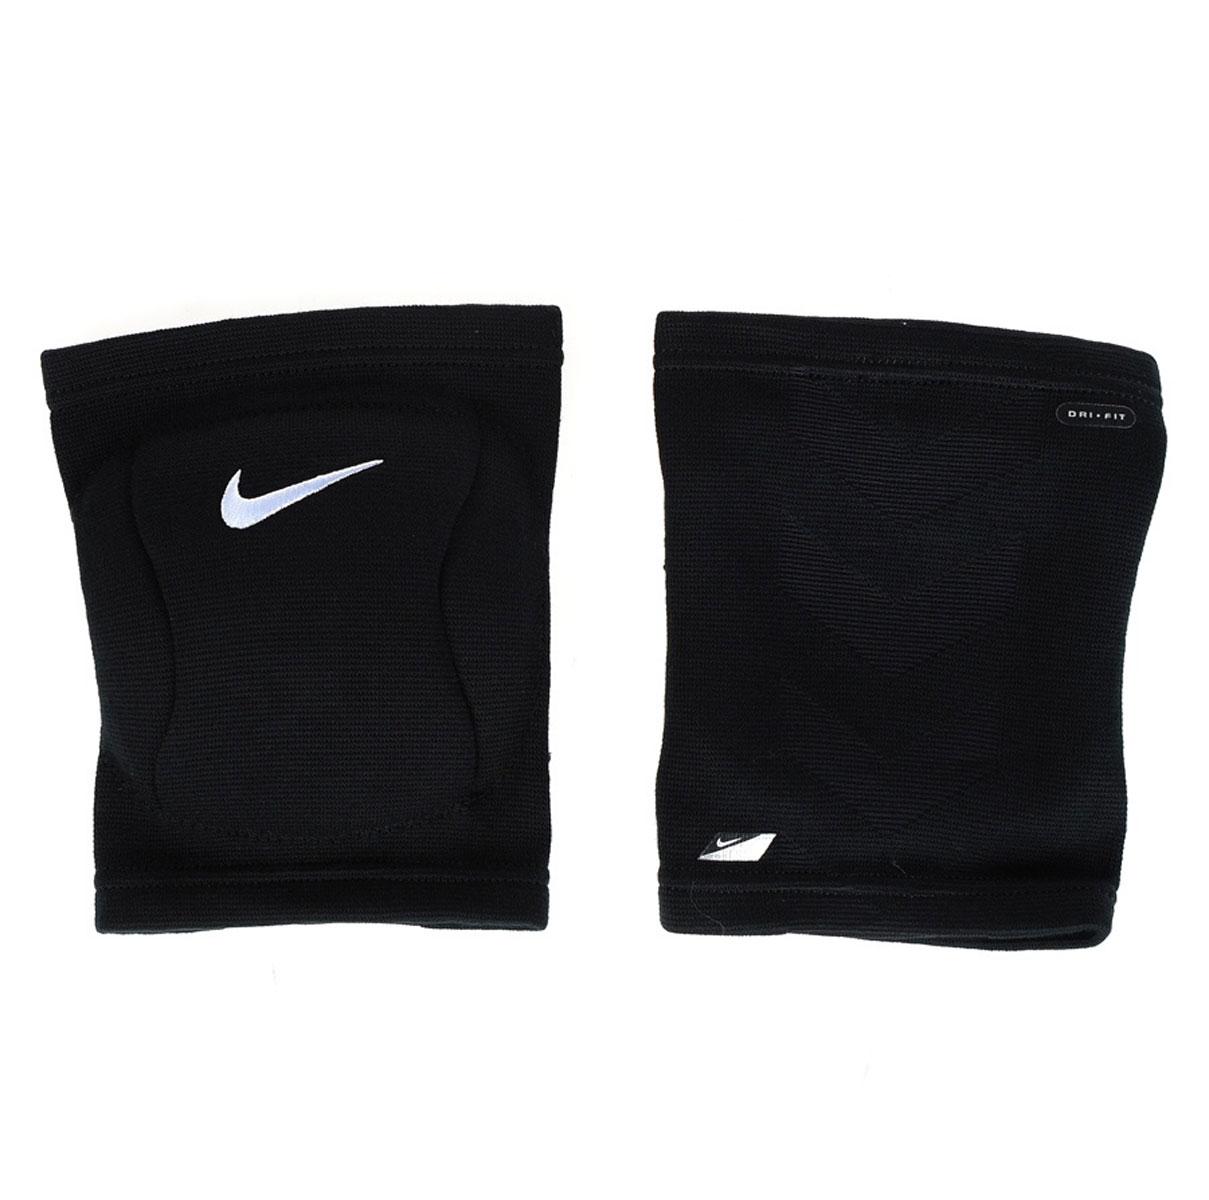 Наколенник Nike, цвет: черный. Размер L/XLSF 0085Наколенник Nike для волейбола выполнен из высококачественного материала. В составе - вспененная резина, не натирают, комфортно сидят на ноге. С внутренней стороны - мягкая подкладка. Не стесняет движения. Очень легкие и плотно обтягивают ногу.